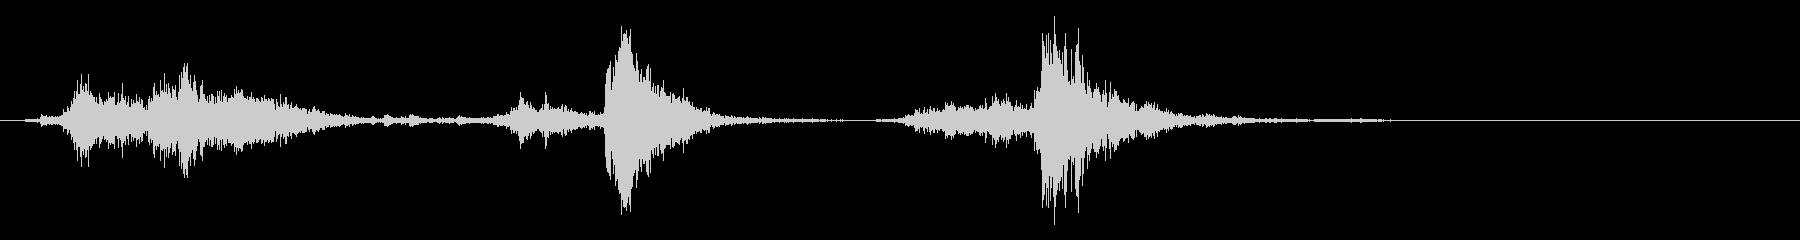 スチール缶貯金箱を振る音(大3回)の未再生の波形